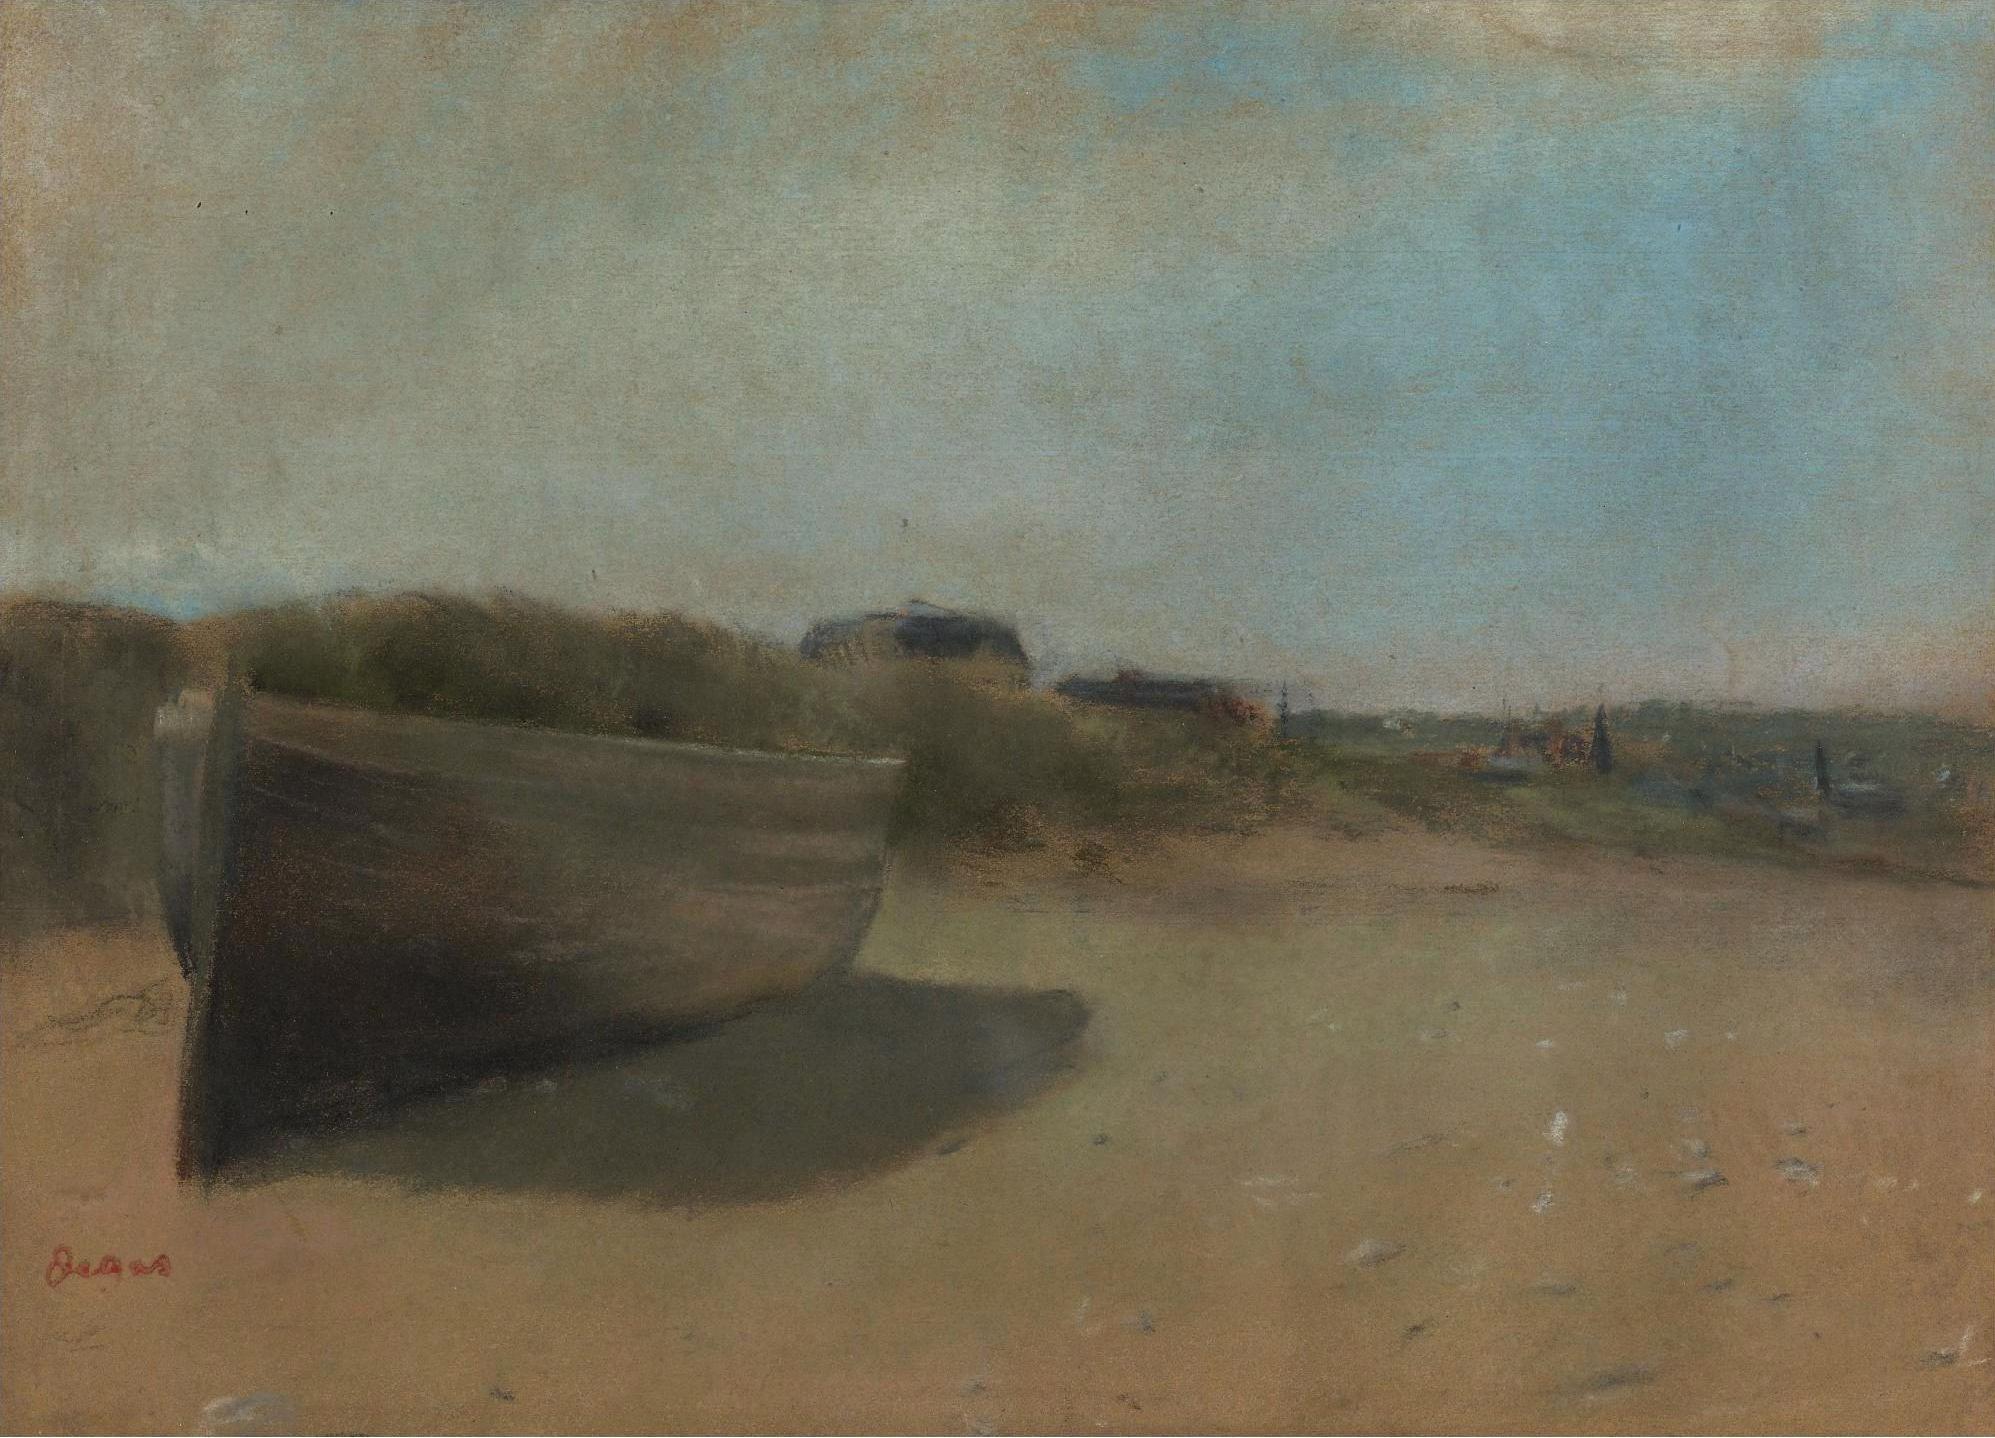 Эдгар Дега. Лодка на песке. 1869.